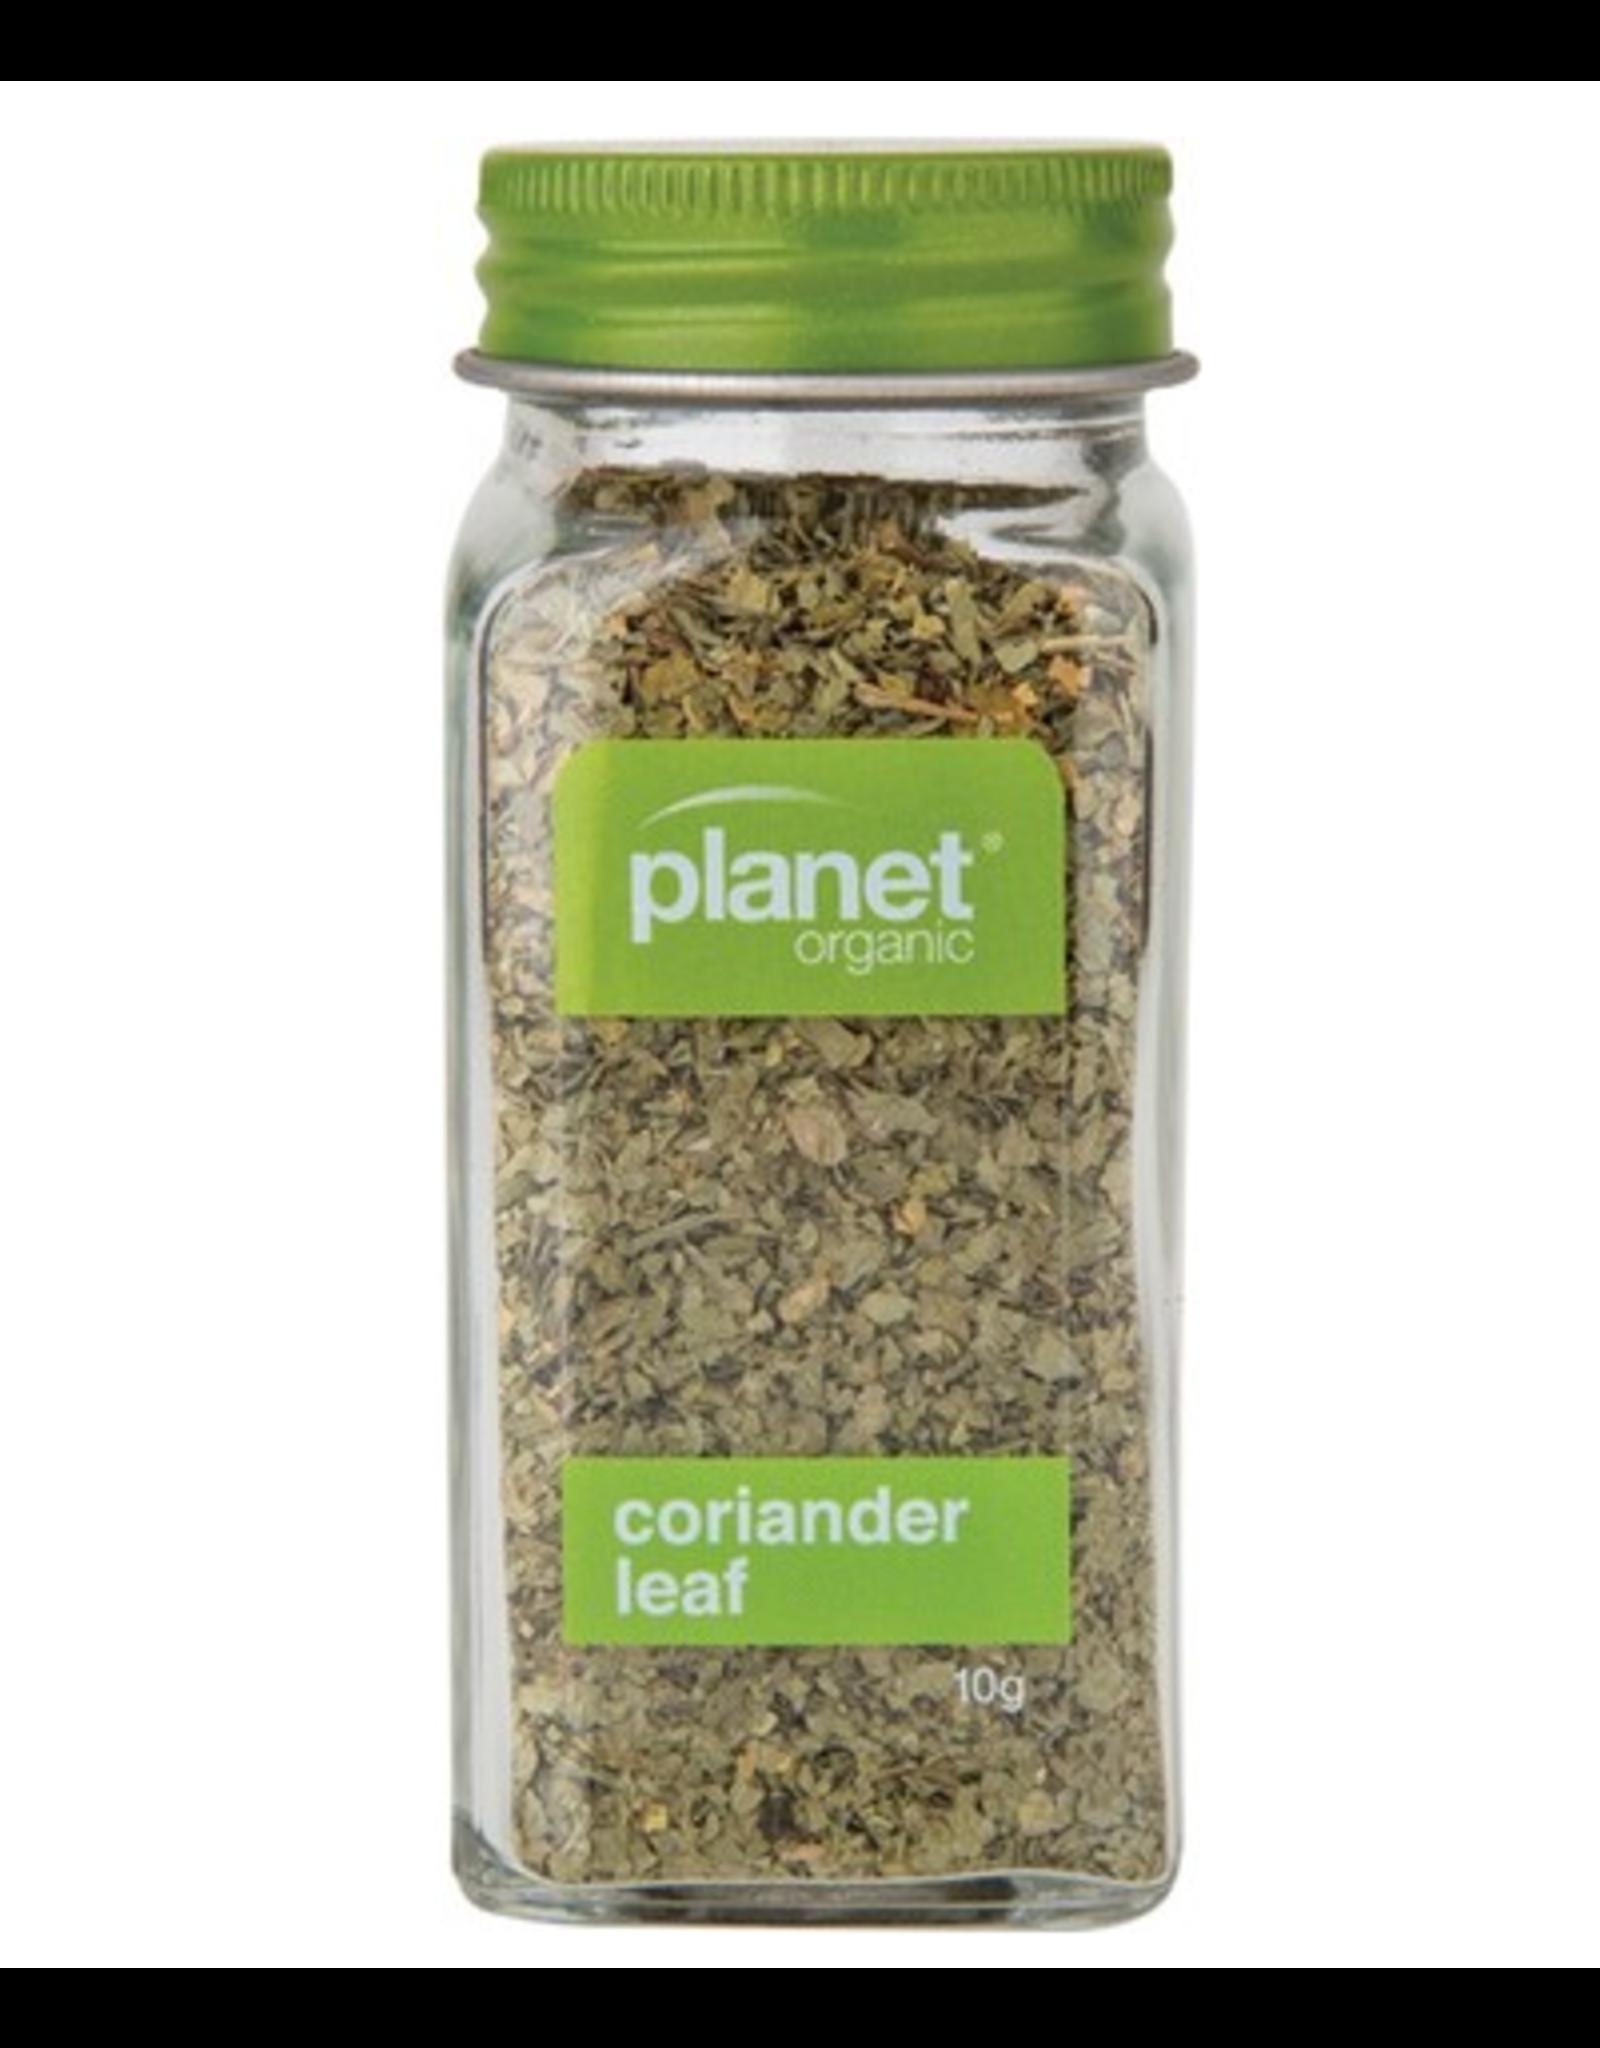 Planet Organic Coriander Leaf 10g